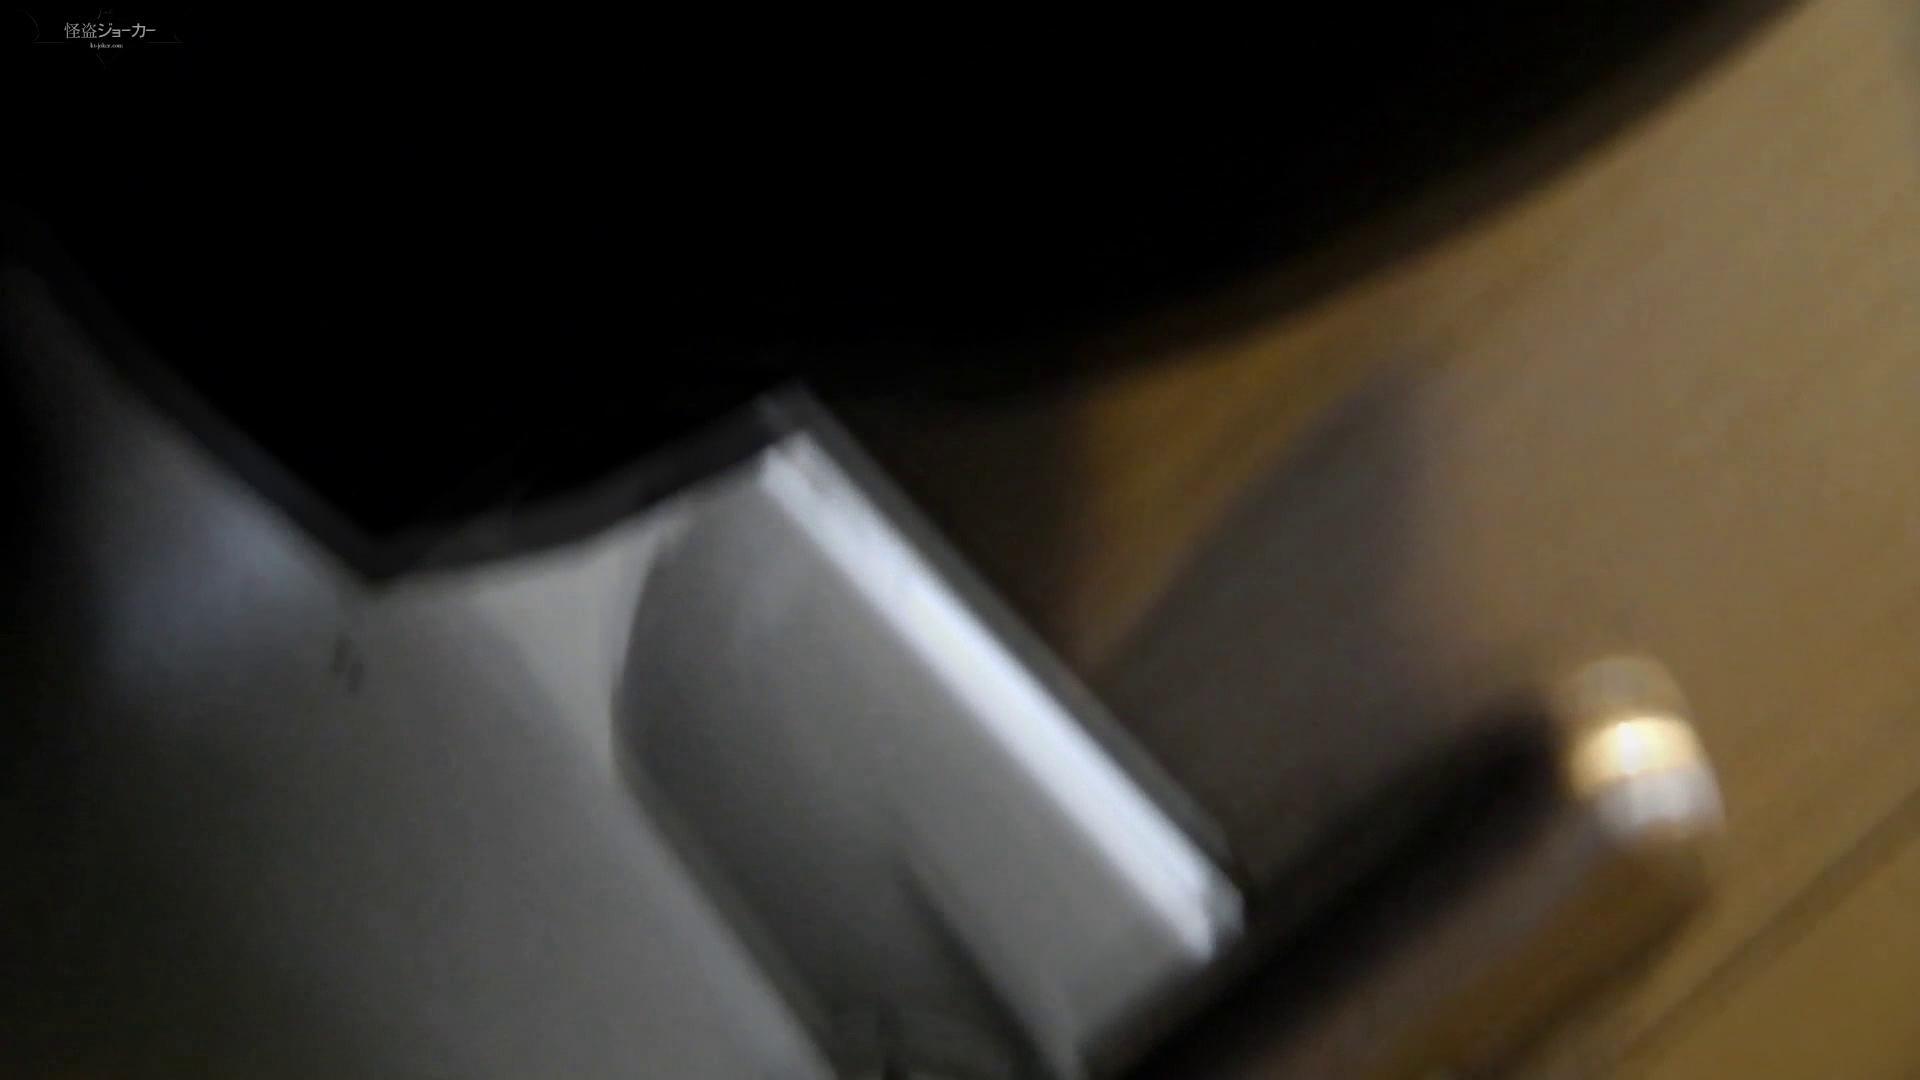 阿国ちゃんの和式洋式七変化 Vol.25 ん?突起物が・・・。 丸見えマンコ | 和式  96画像 32